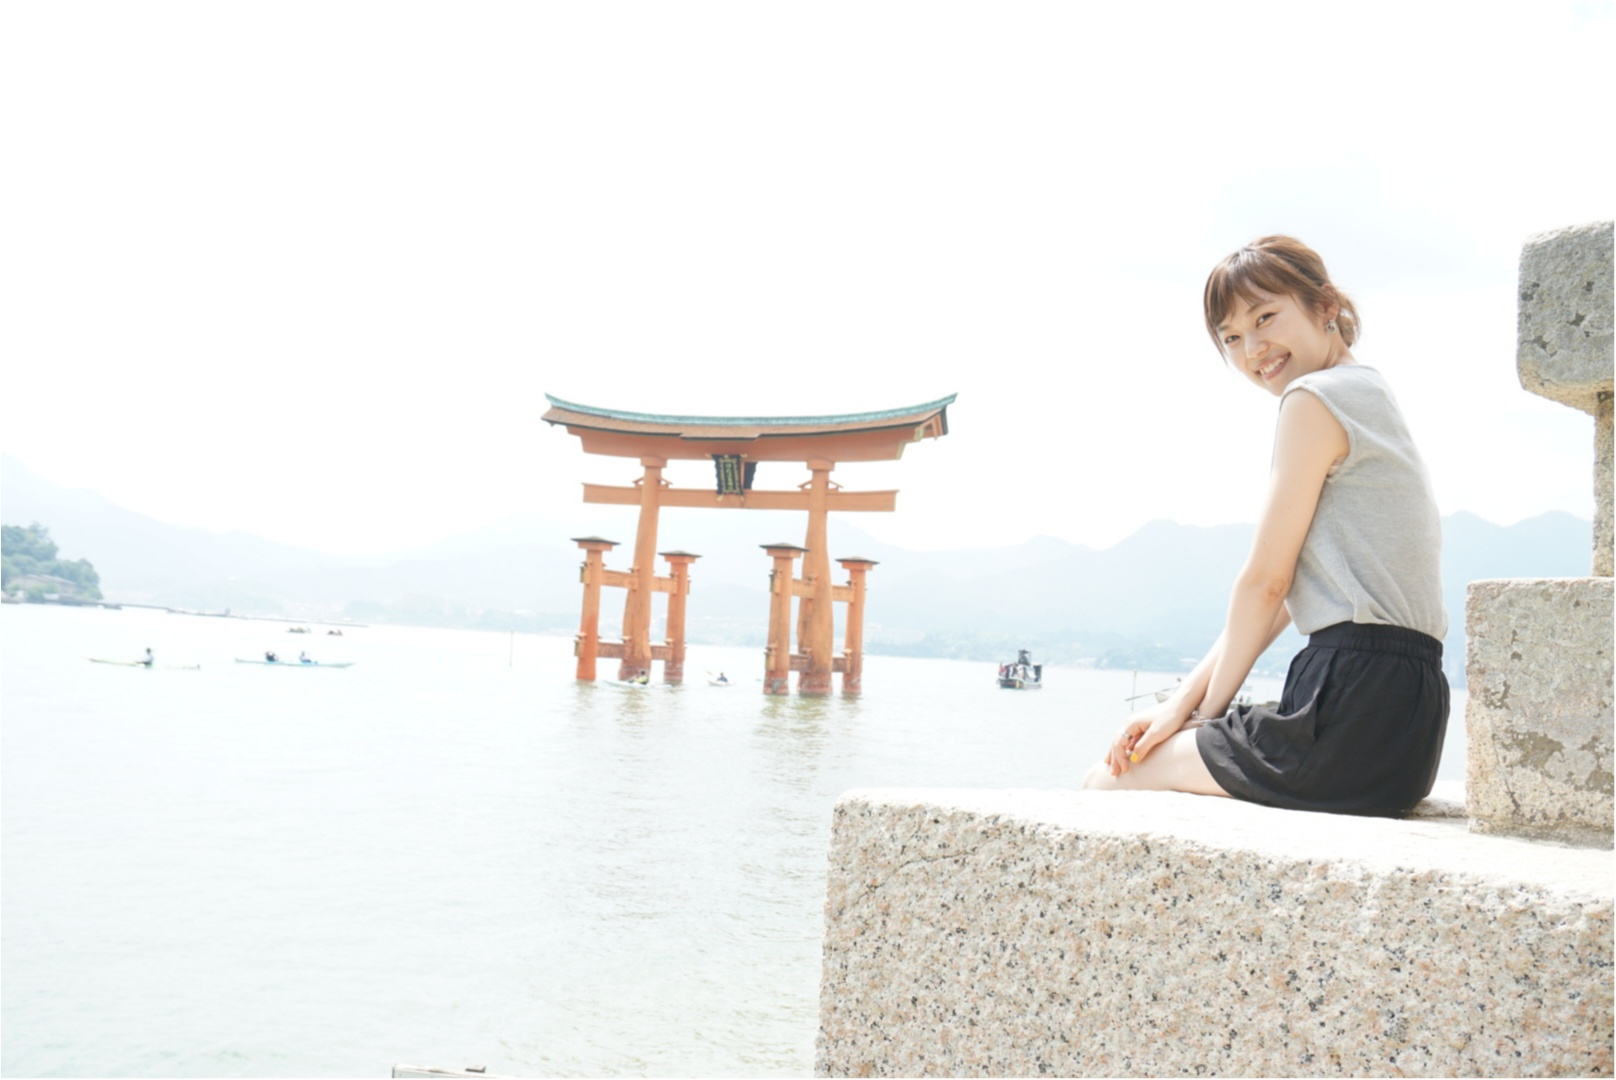 ★ガイドブックを持たずに【宮島】へ。1日密着!したいこと•食べたいもの、ぎゅーっと1日に詰め込んでとても充実した旅に!_16